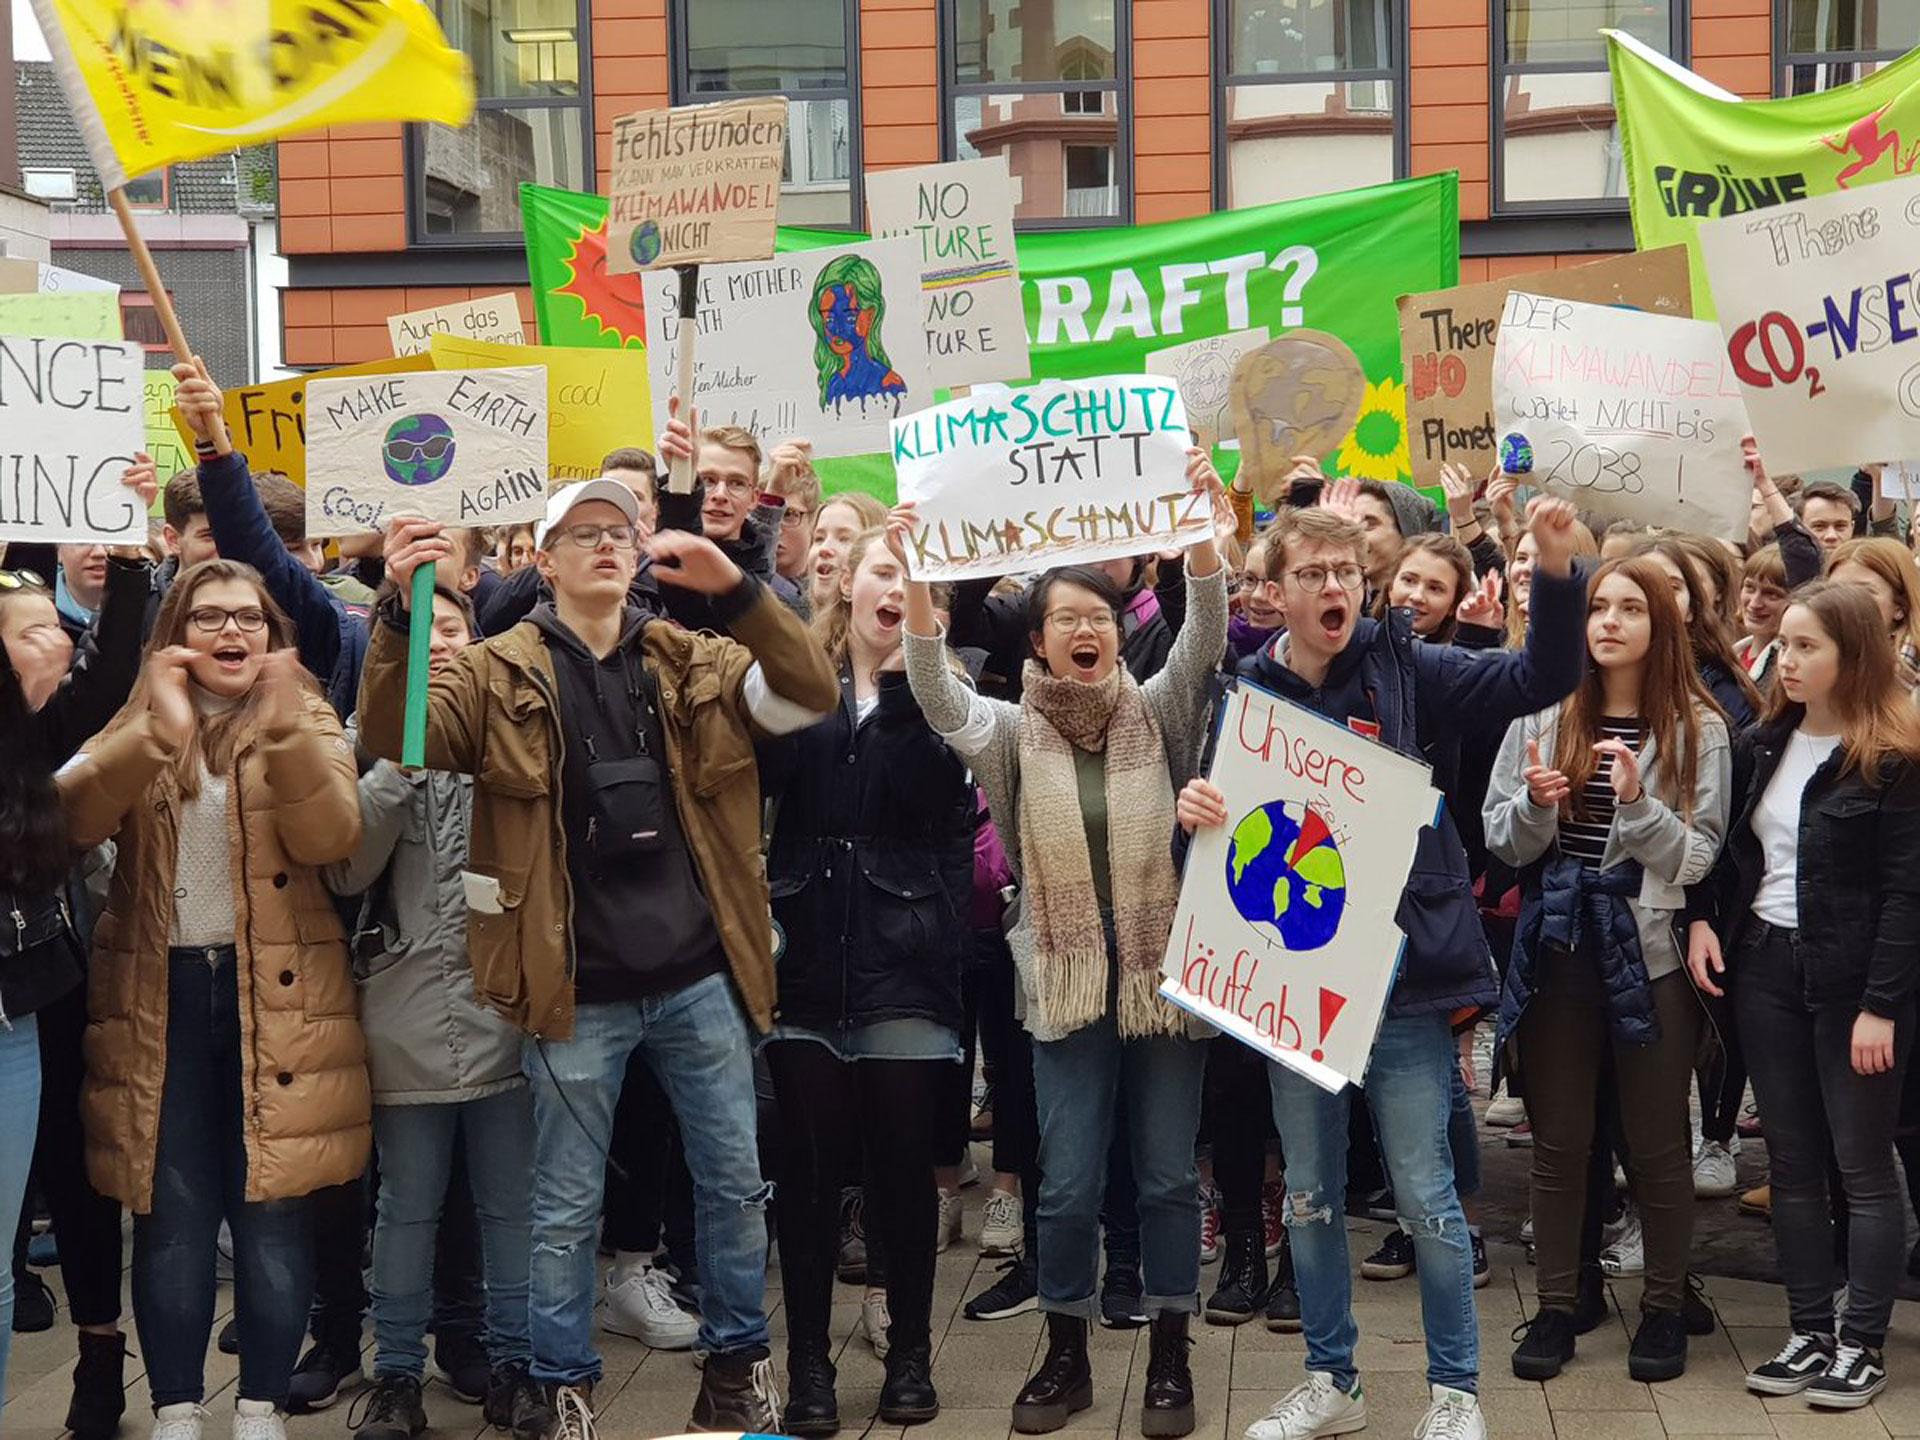 In Limburg sind am vergangenen Freitag 300 Schüler für den Klimaschutz auf die Straße gegangen. Sie folgen damit dem Beispiel der 16-jährigen Greta Thunberg aus Schweden. © Heike Lachnit (HL-journal.de)In Limburg sind am vergangenen Freitag 300 Schüler für den Klimaschutz auf die Straße gegangen. Sie folgen damit dem Beispiel der 16-jährigen Greta Thunberg aus Schweden. © Heike Lachnit (HL-journal.de)